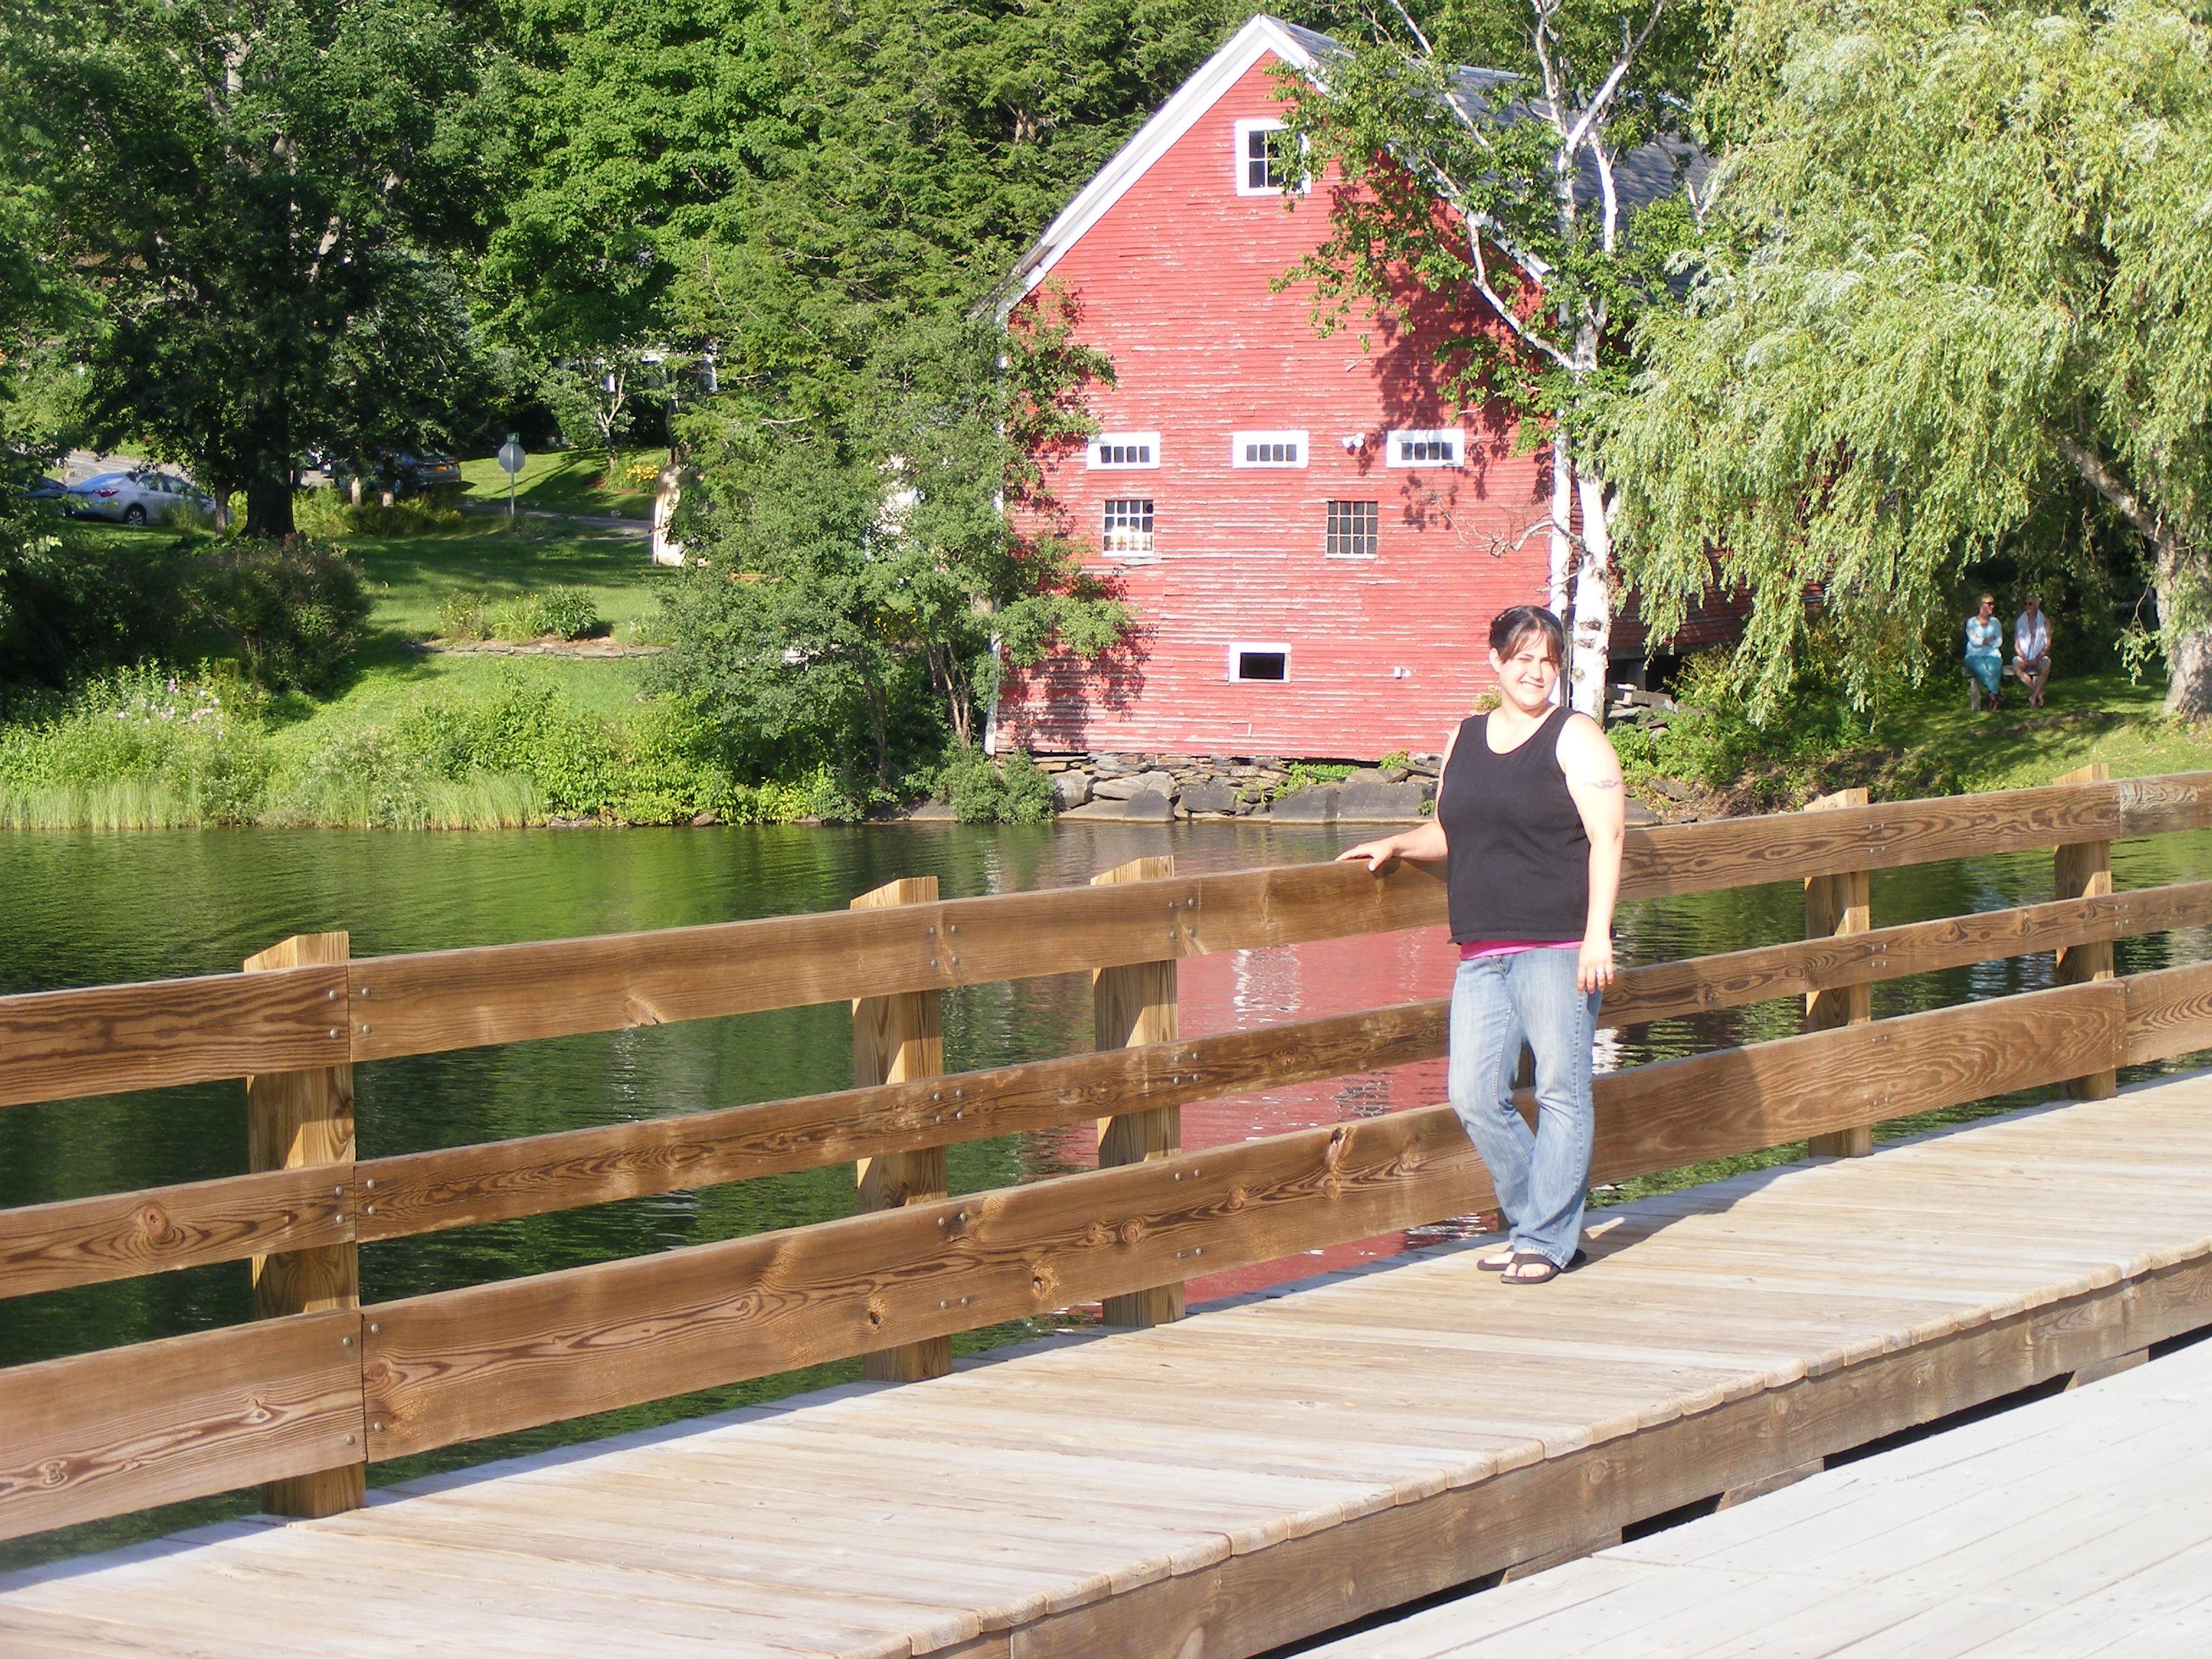 Historical Marker - Brookfield, VT Floating Bridge